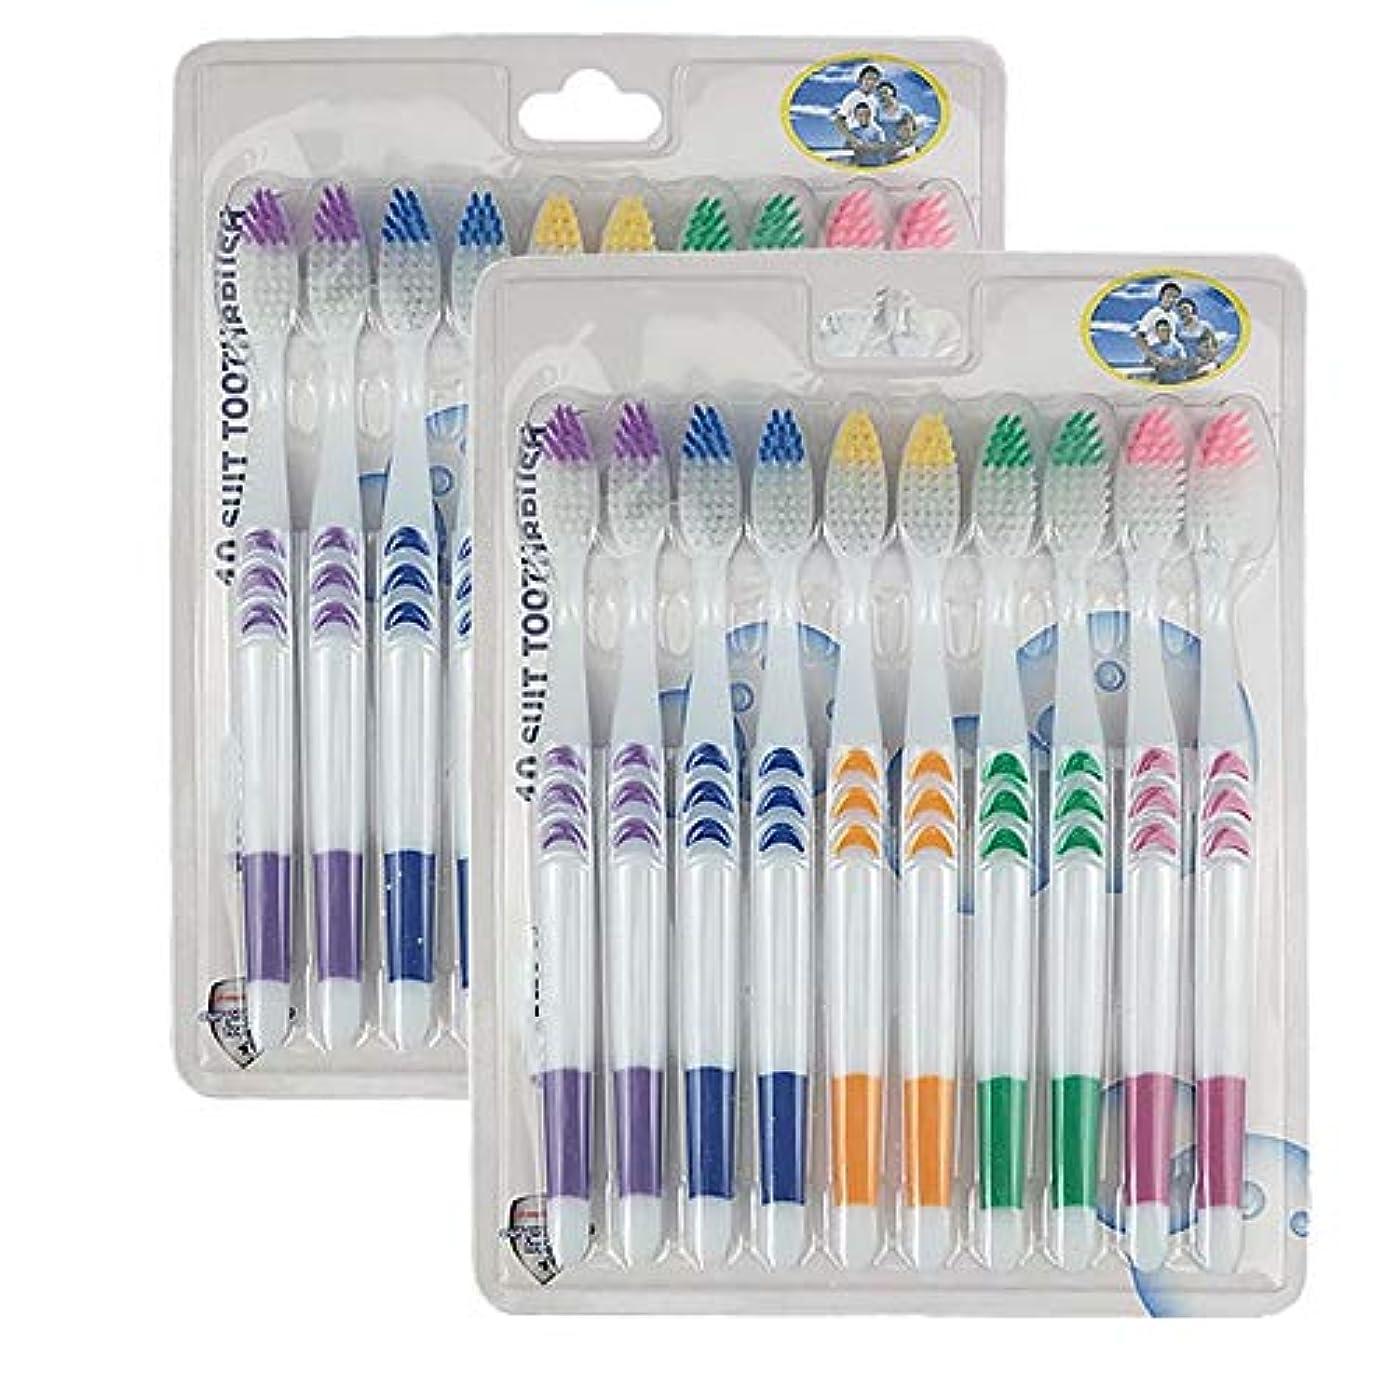 内なる薄いです頂点歯ブラシ 20パック歯ブラシ、竹炭歯ブラシ、大人歯ブラシ、歯茎をマッサージ - 使用可能なスタイルの3種類 HL (色 : A, サイズ : 20 packs)